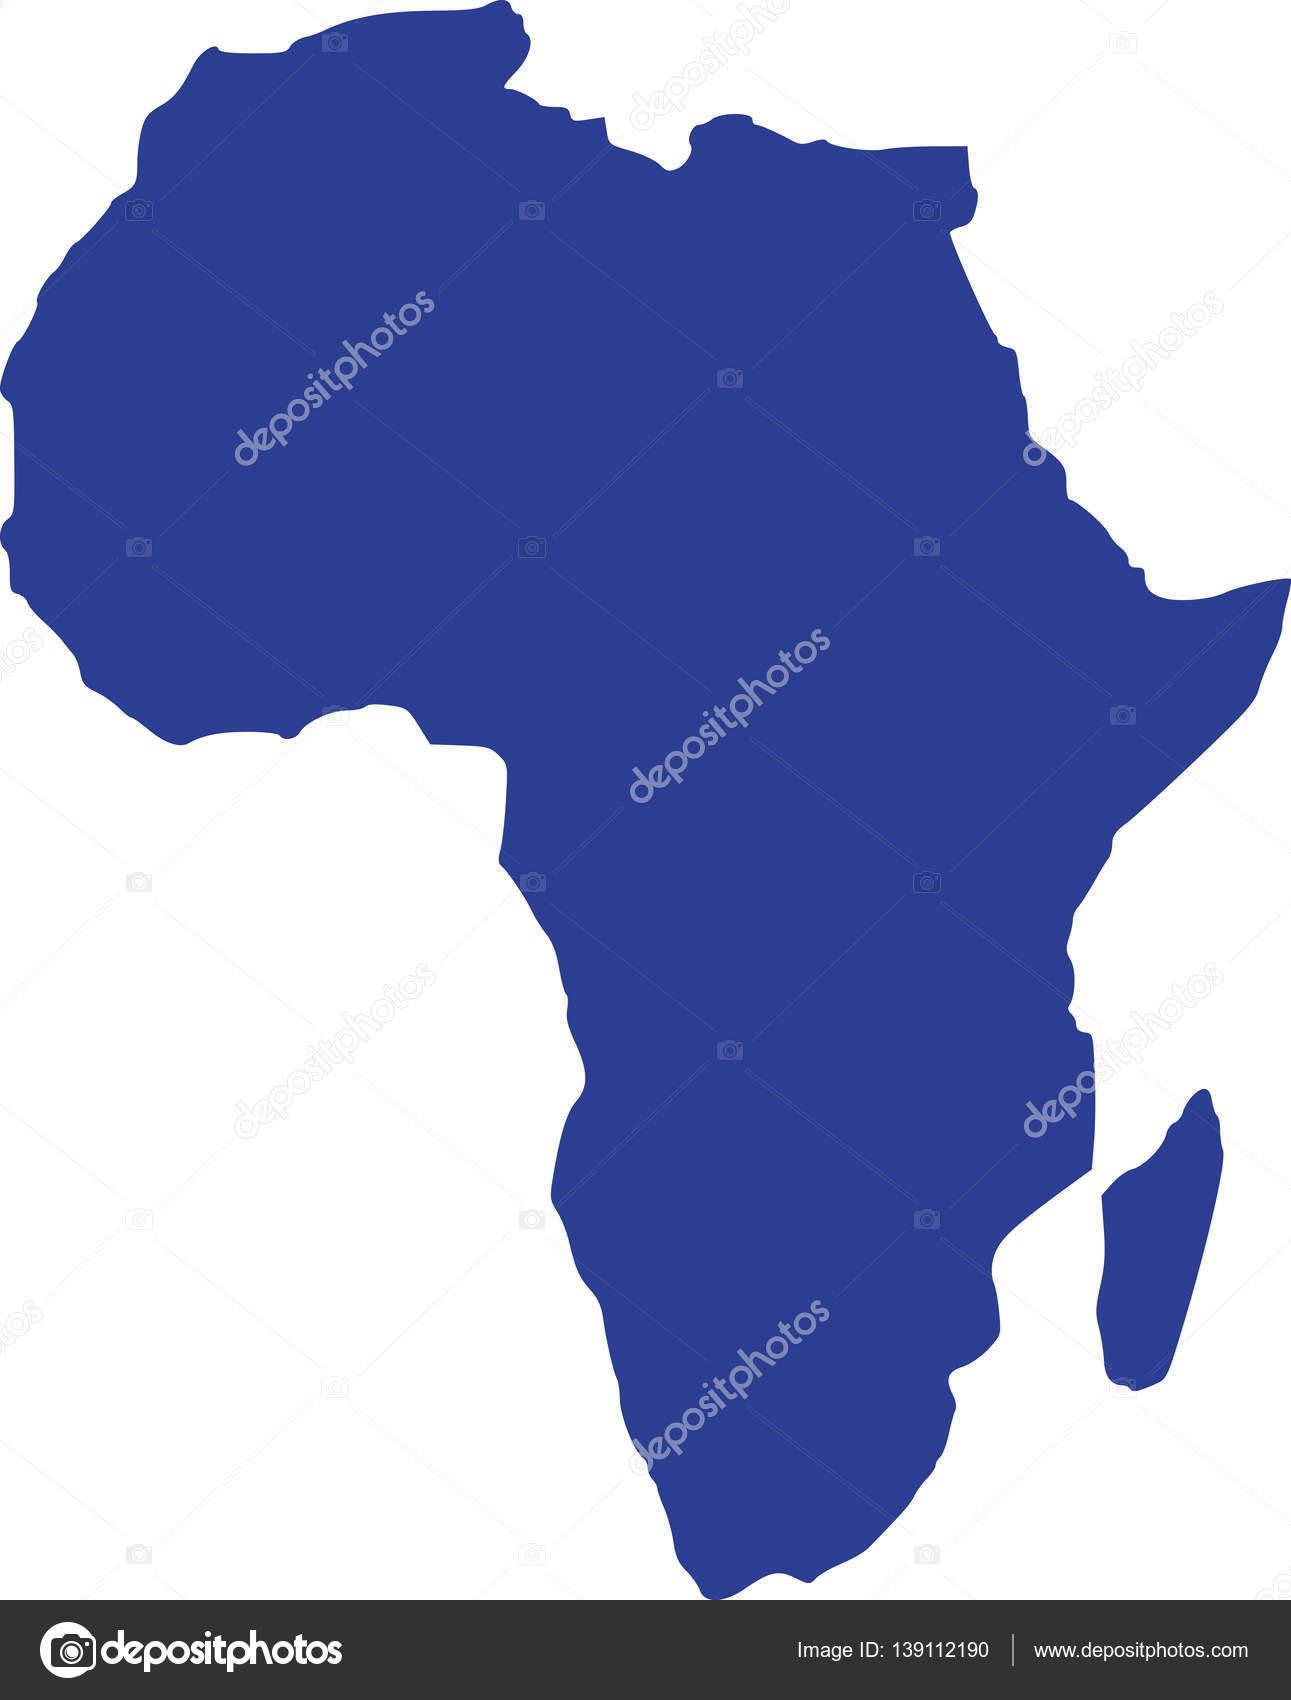 Carte Afrique Vectorielle.Vecteur De Carte Afrique Image Vectorielle Miceking